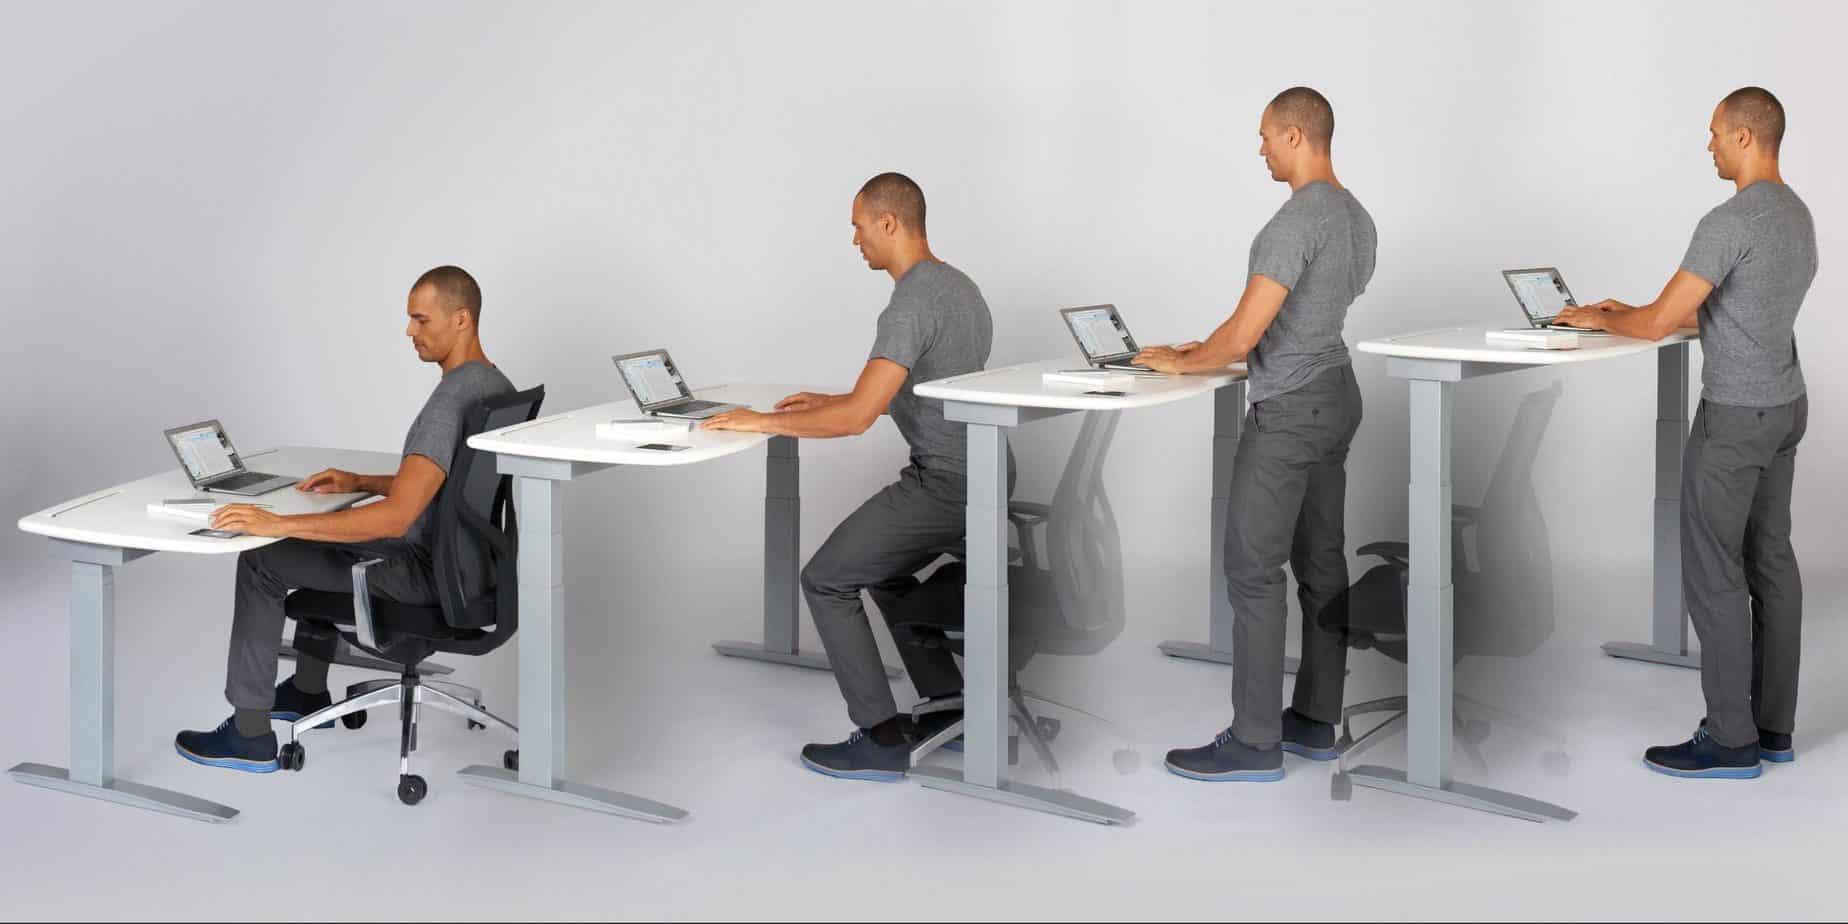 Bureau réglable : une solution intéressante (image Adopte Un Bureau)